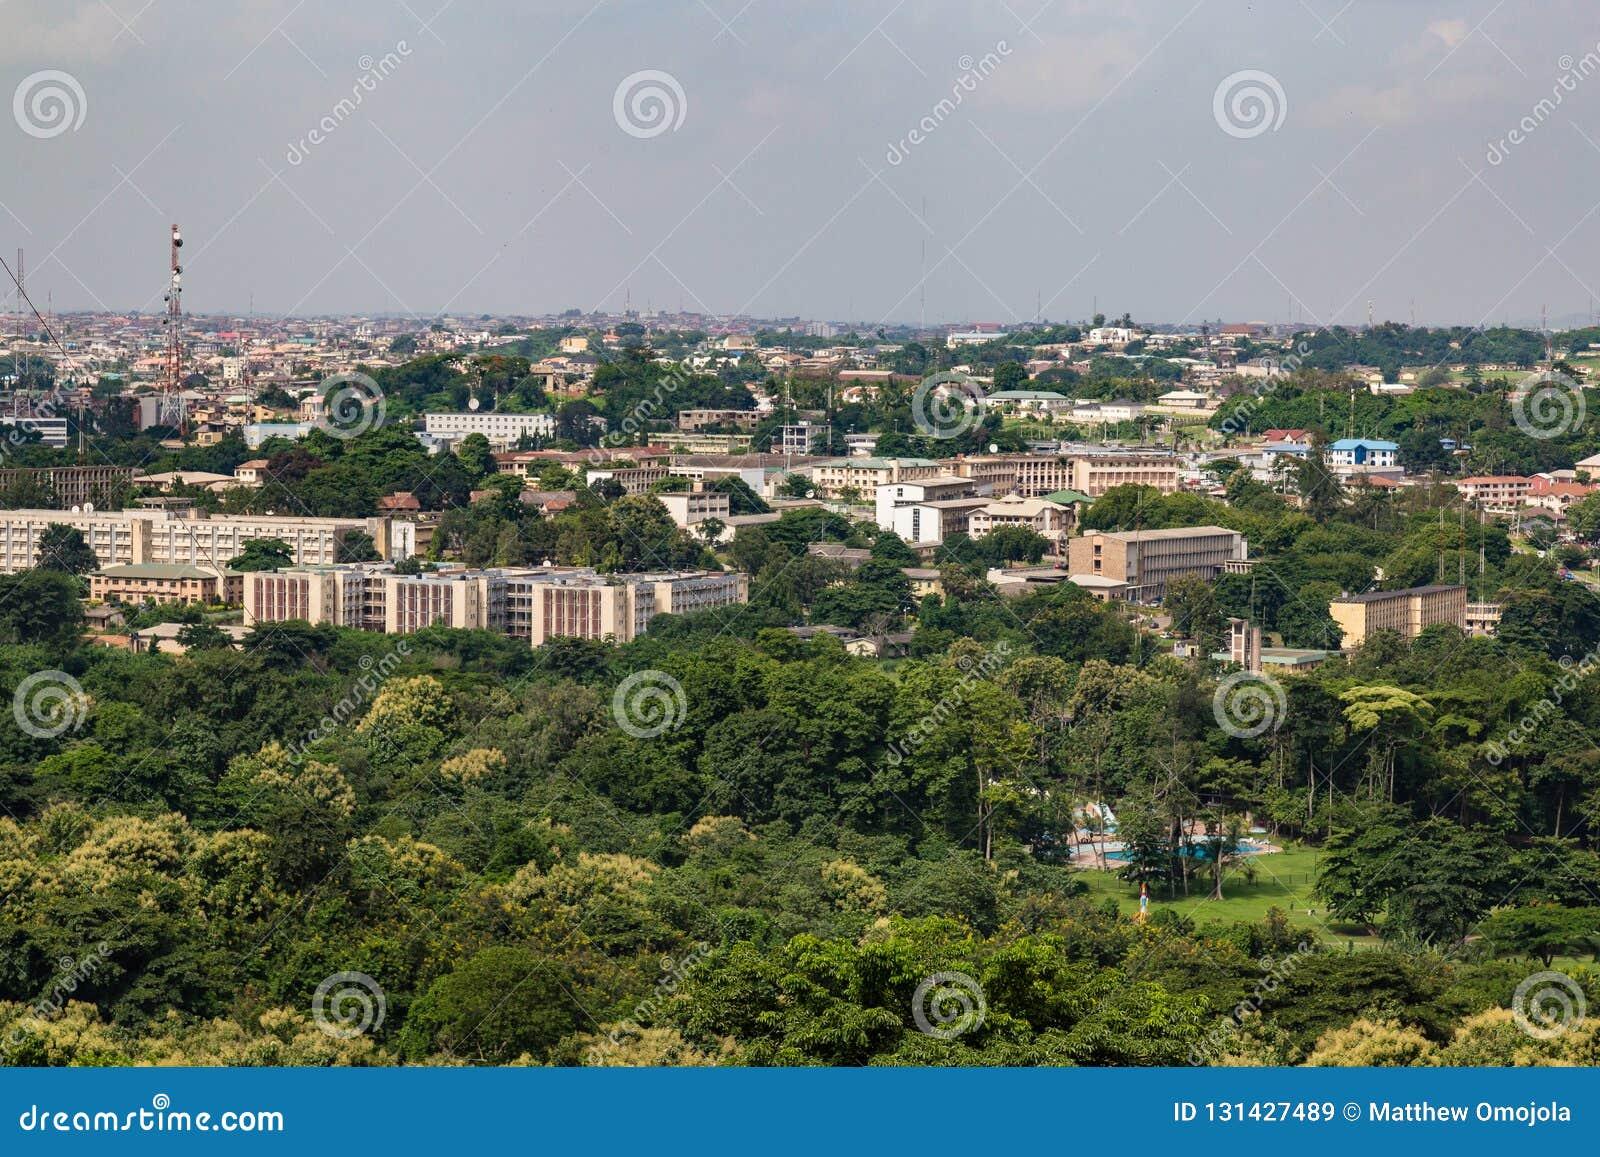 Vogelperspektive des Oyo-Landesregierungssekretariats Ibadan Nigeria